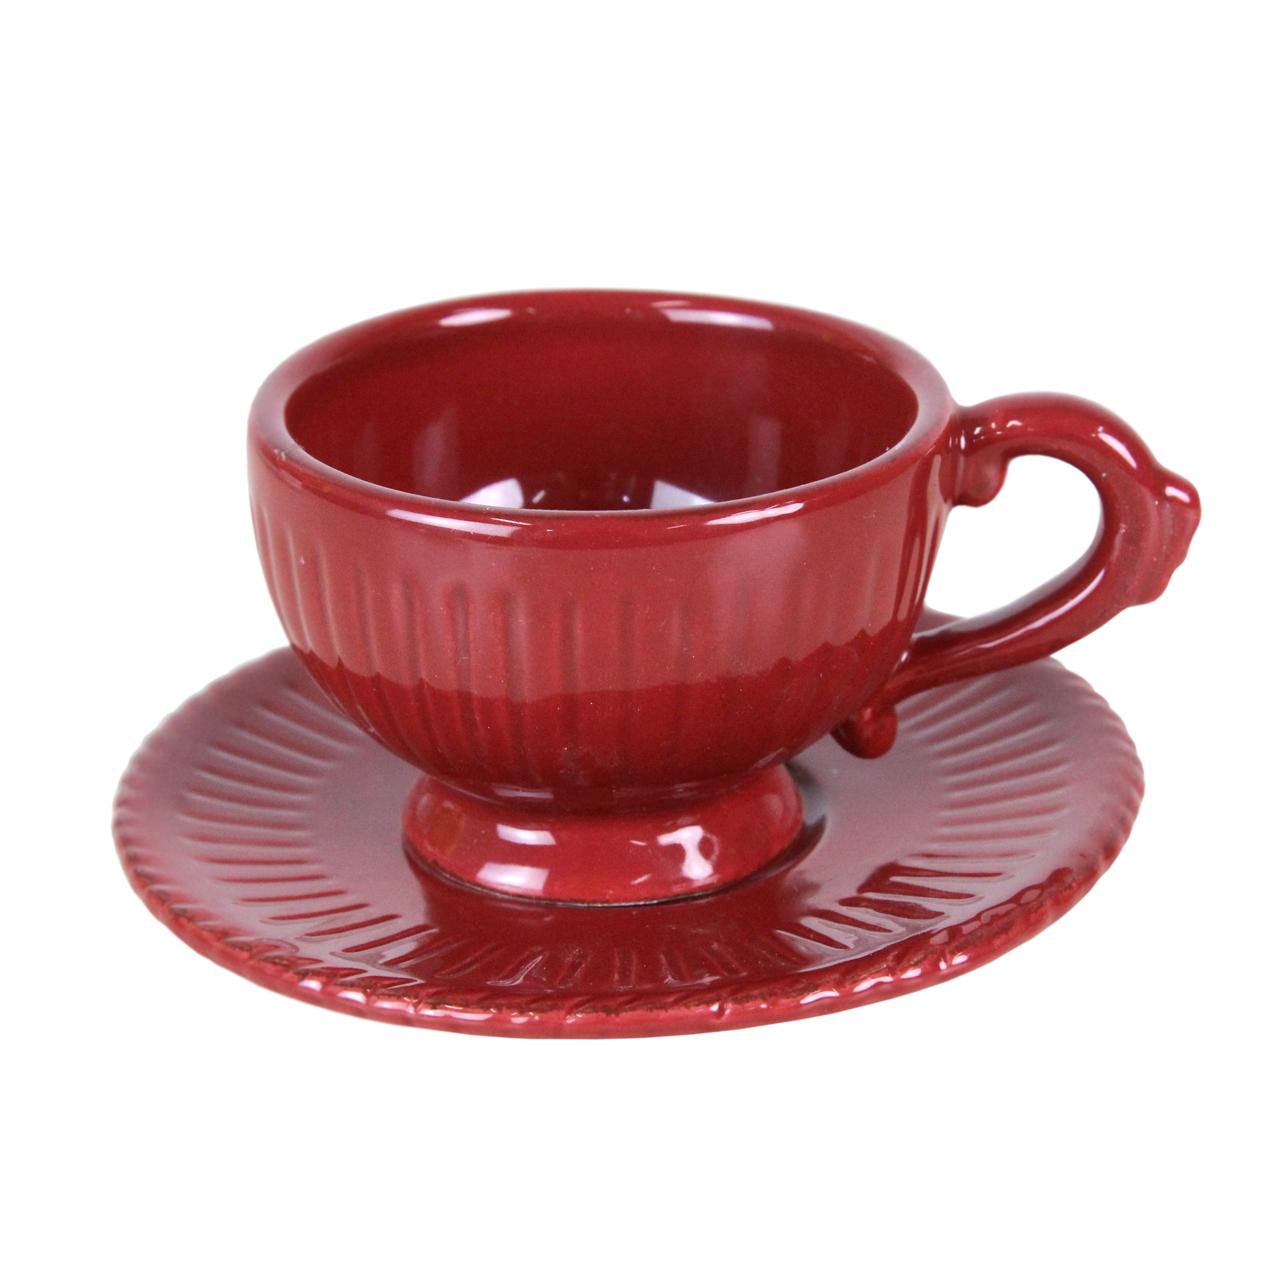 Ceasca Cu Farfurie Din Ceramica Rosie